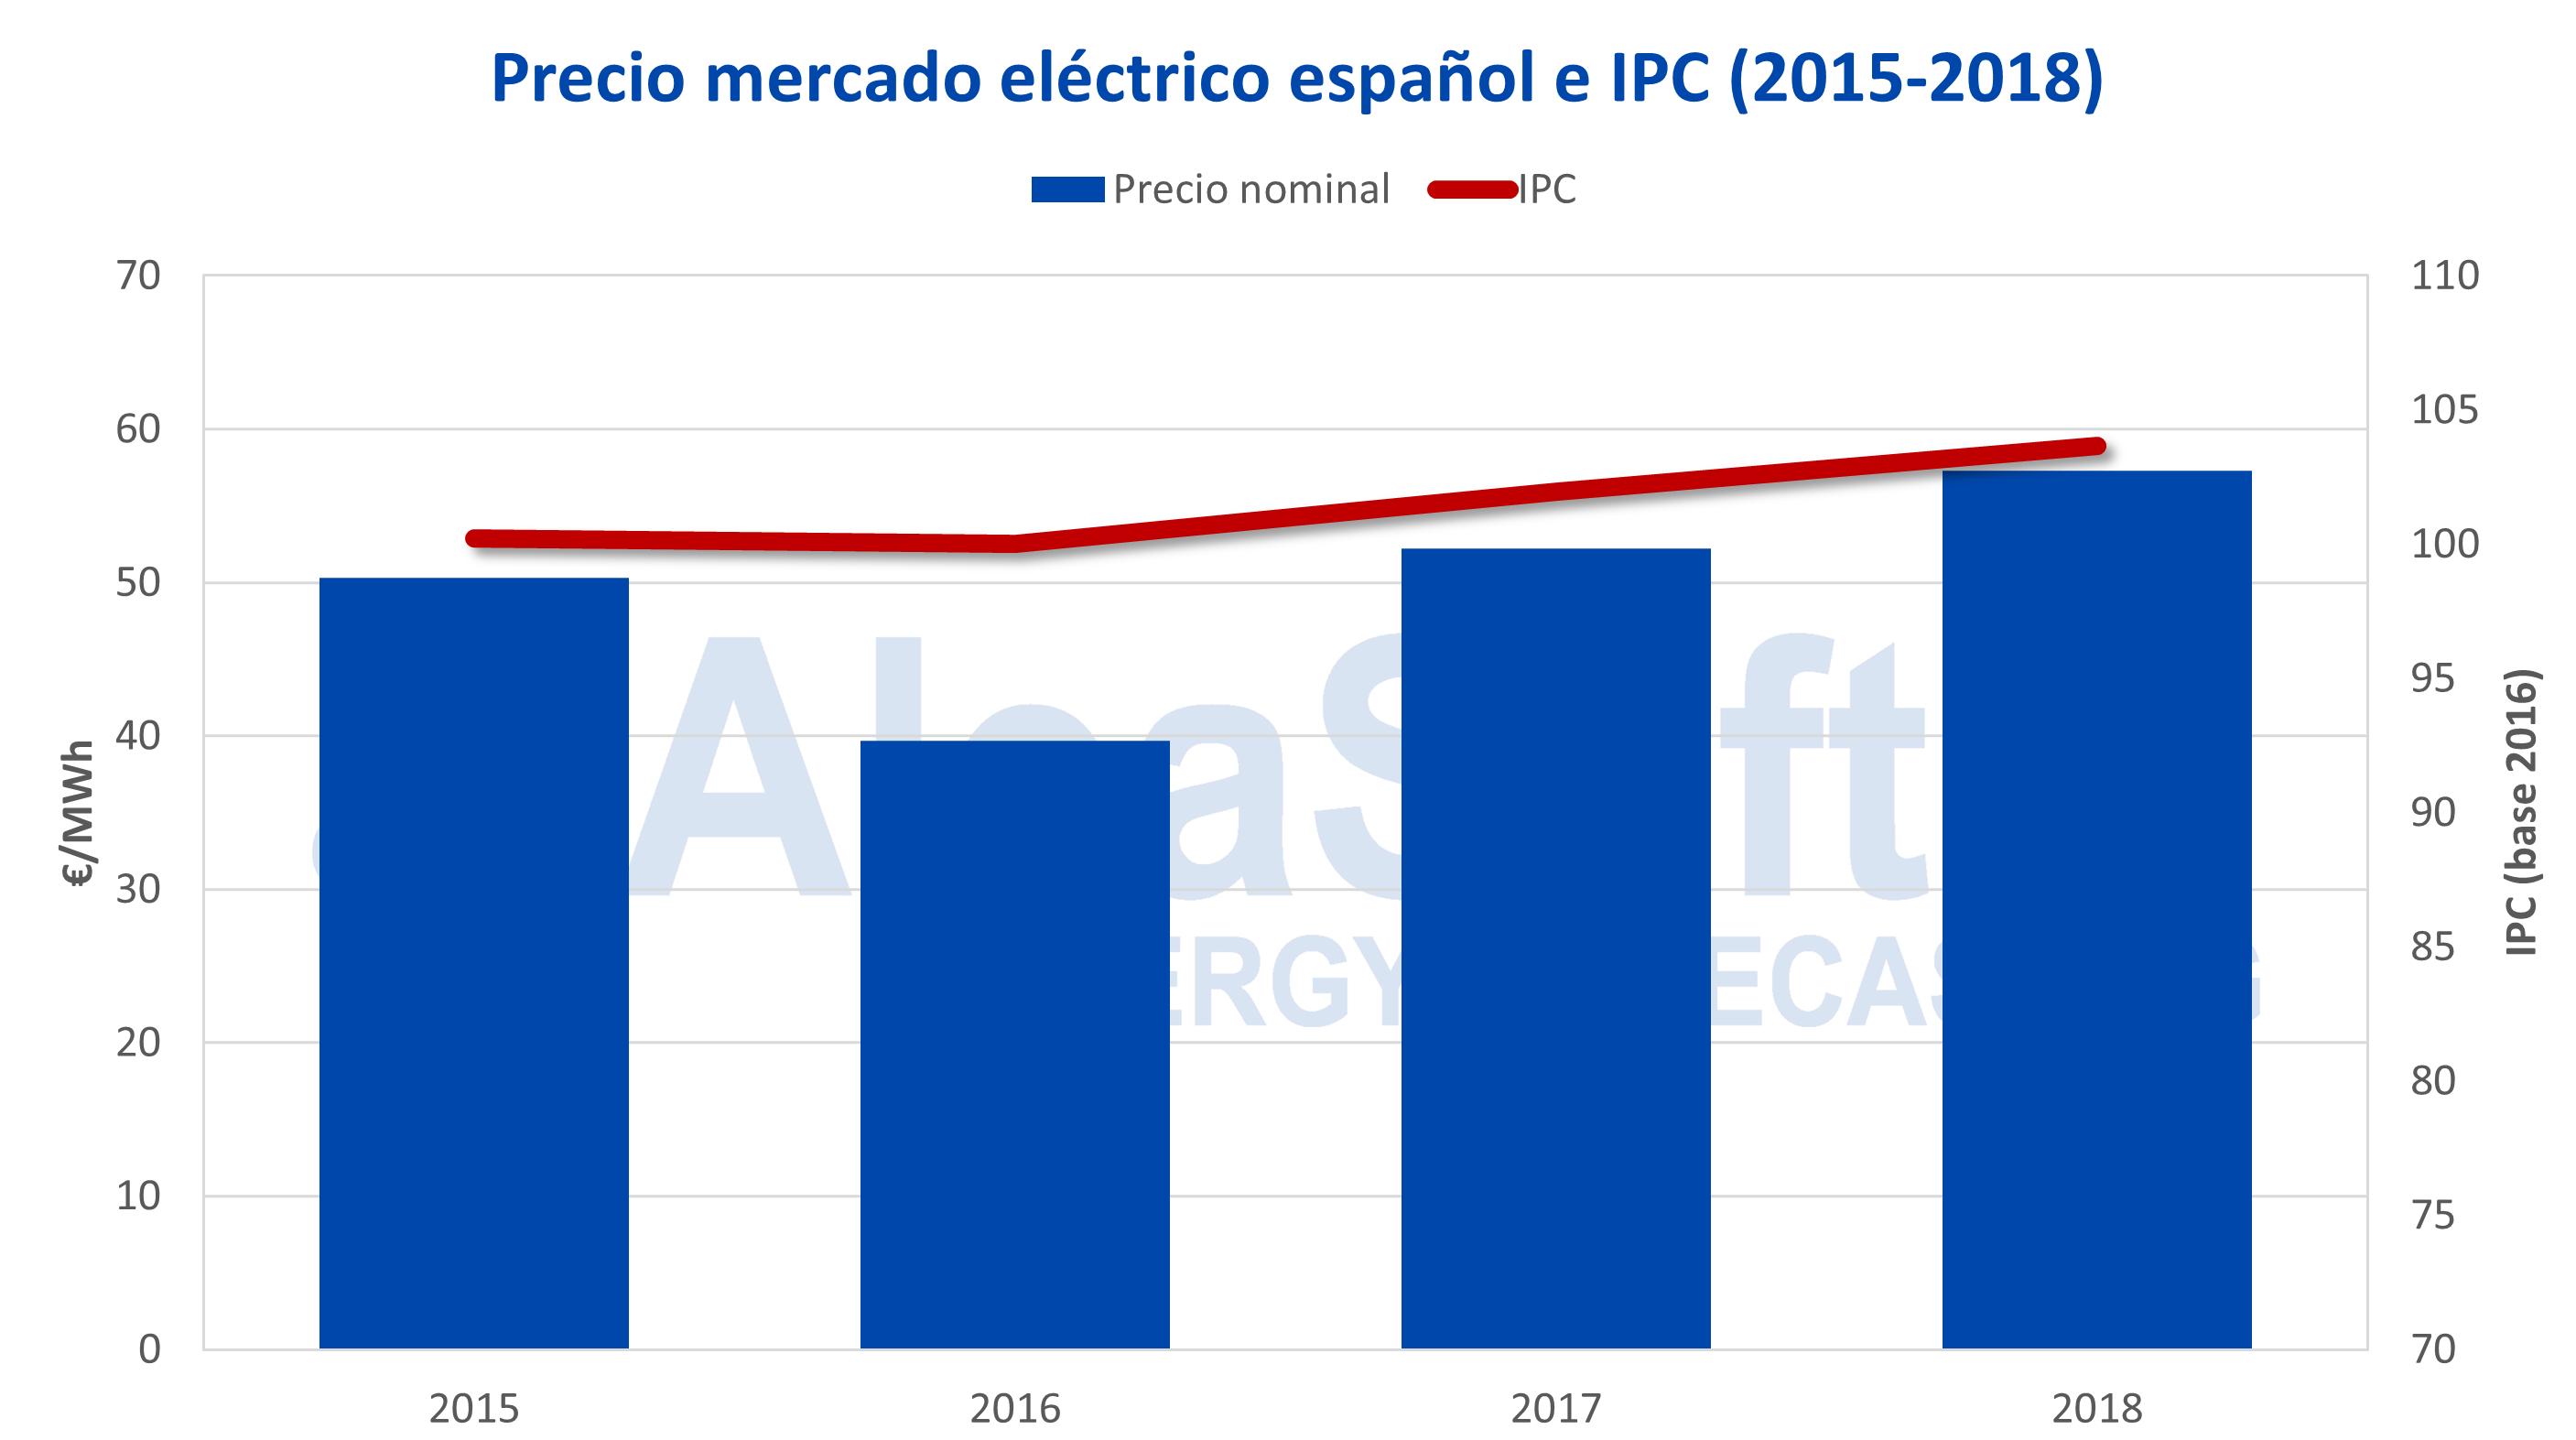 AleaSoft - Precio mercado eléctrico español IPC 2015-2018